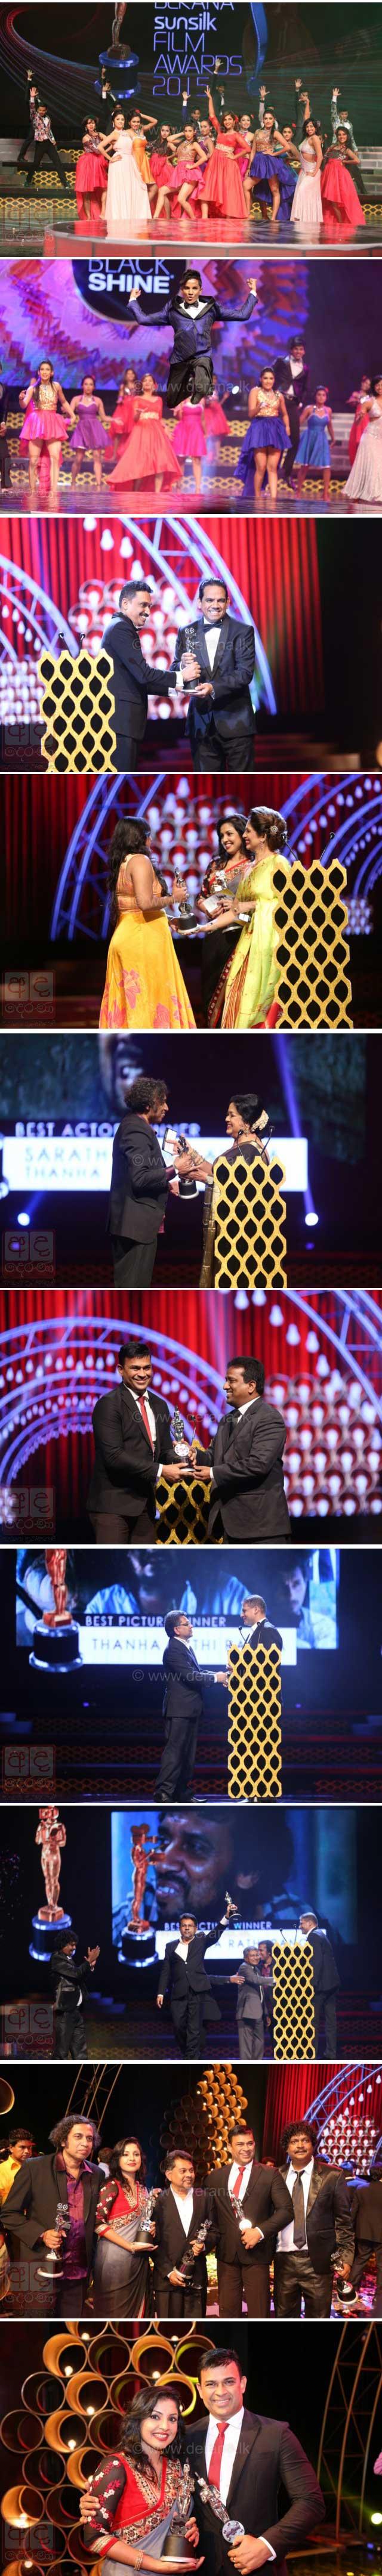 Thanha Rathi Ranga wins at Derana Film Awards 2015